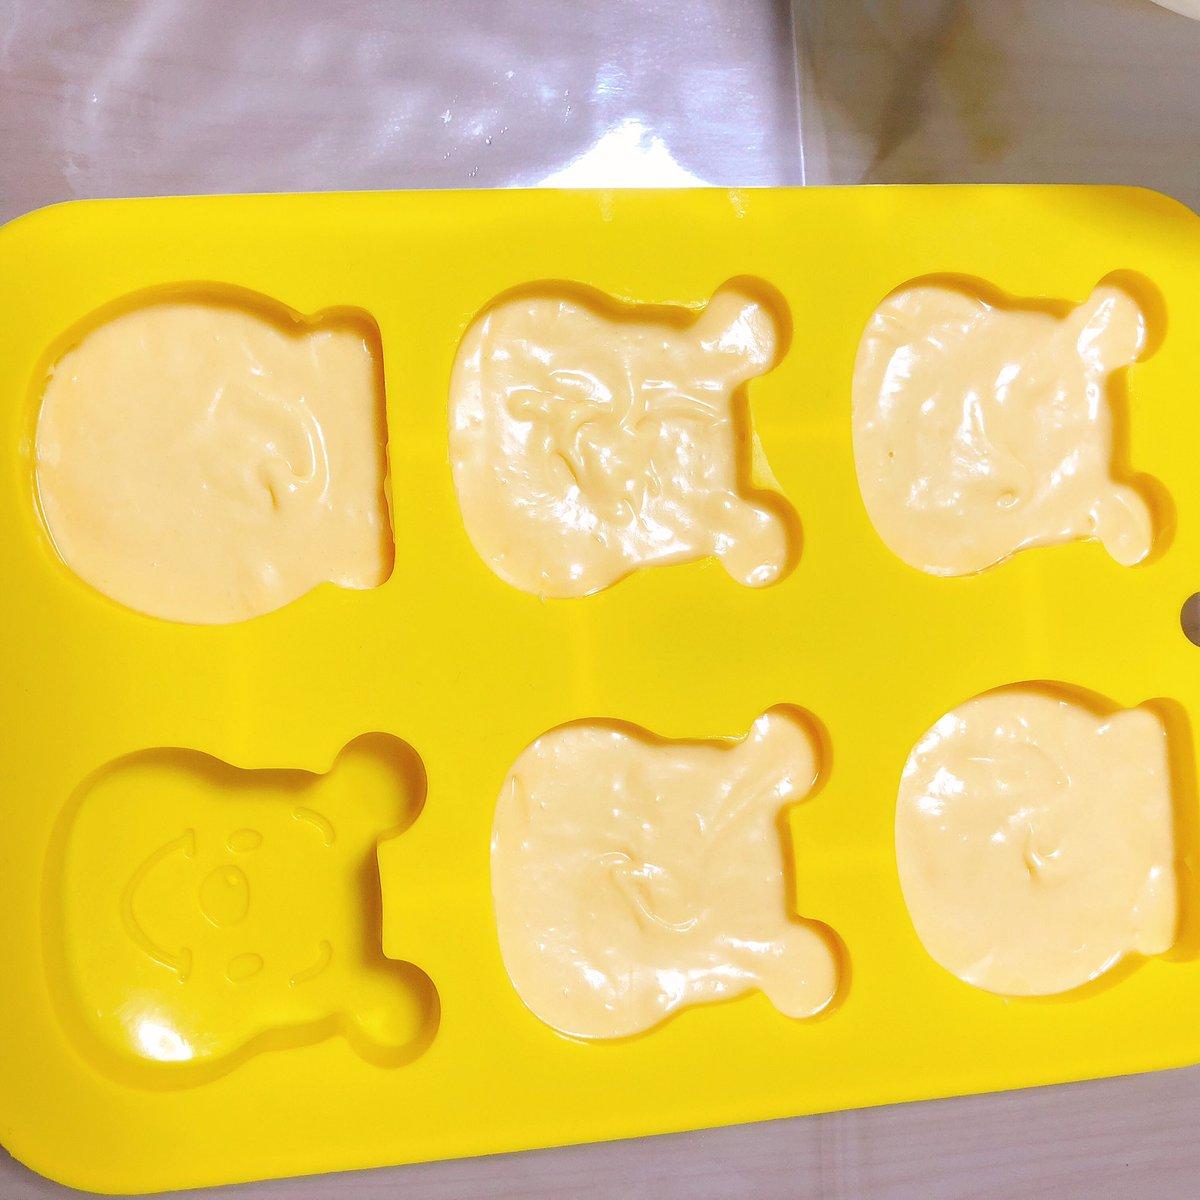 test ツイッターメディア - #ダイソー 新商品のプチケーキ型 綺麗に抜けるのかマドレーヌで実験(笑) が、マドレーヌは膨れるから 裏返す時点で平らじゃなくなった😂 柄が浅いから型に結構バター塗ったけど このうっすら加減🤔 もう少し焼き色つければ変わったかな? やはりケーキじゃ難しい…プリンとかのが綺麗にいけるかな(笑) https://t.co/vlJOQvQTL7